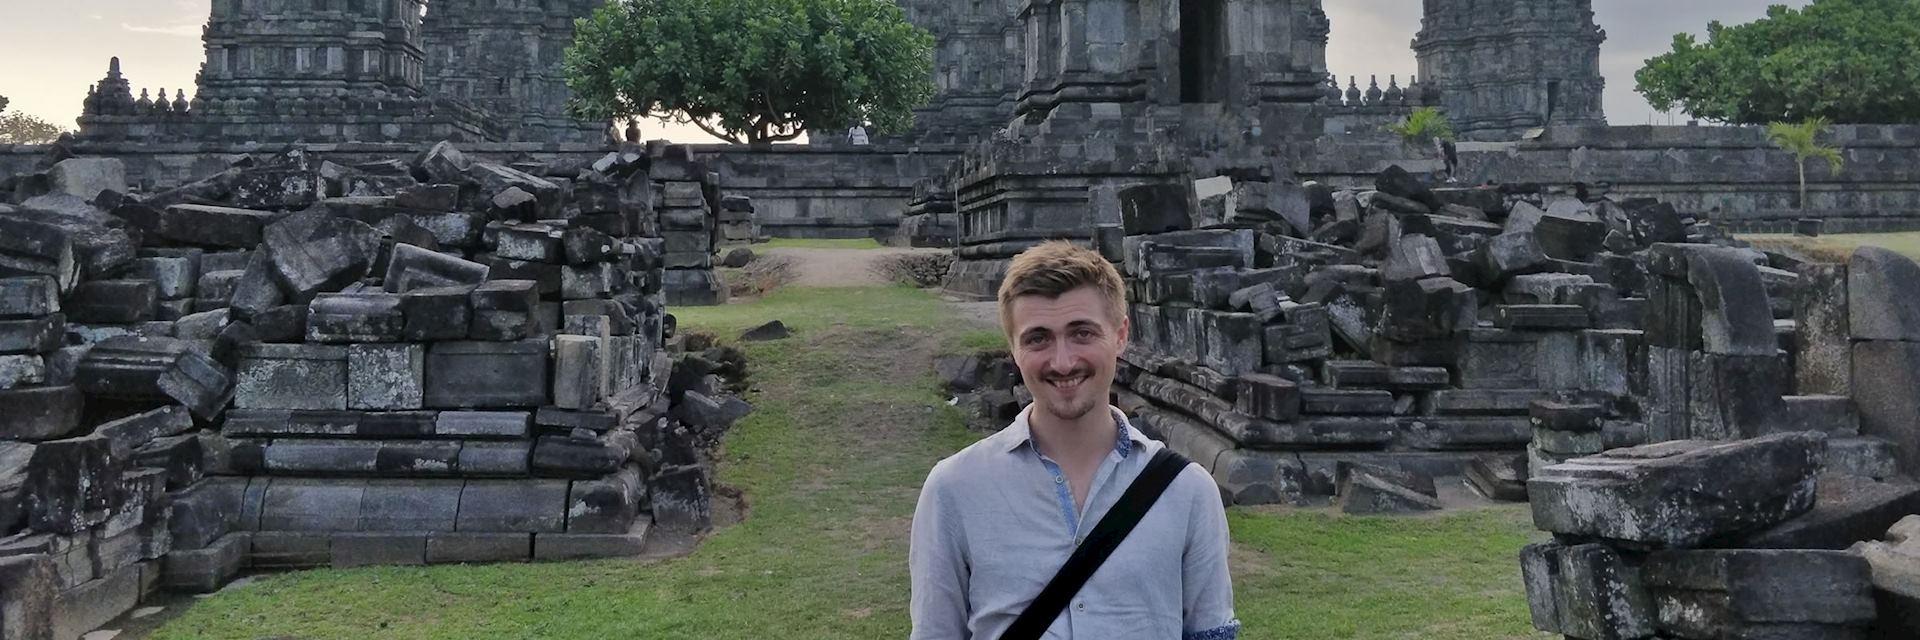 Sean at Prambanan, Indonesia